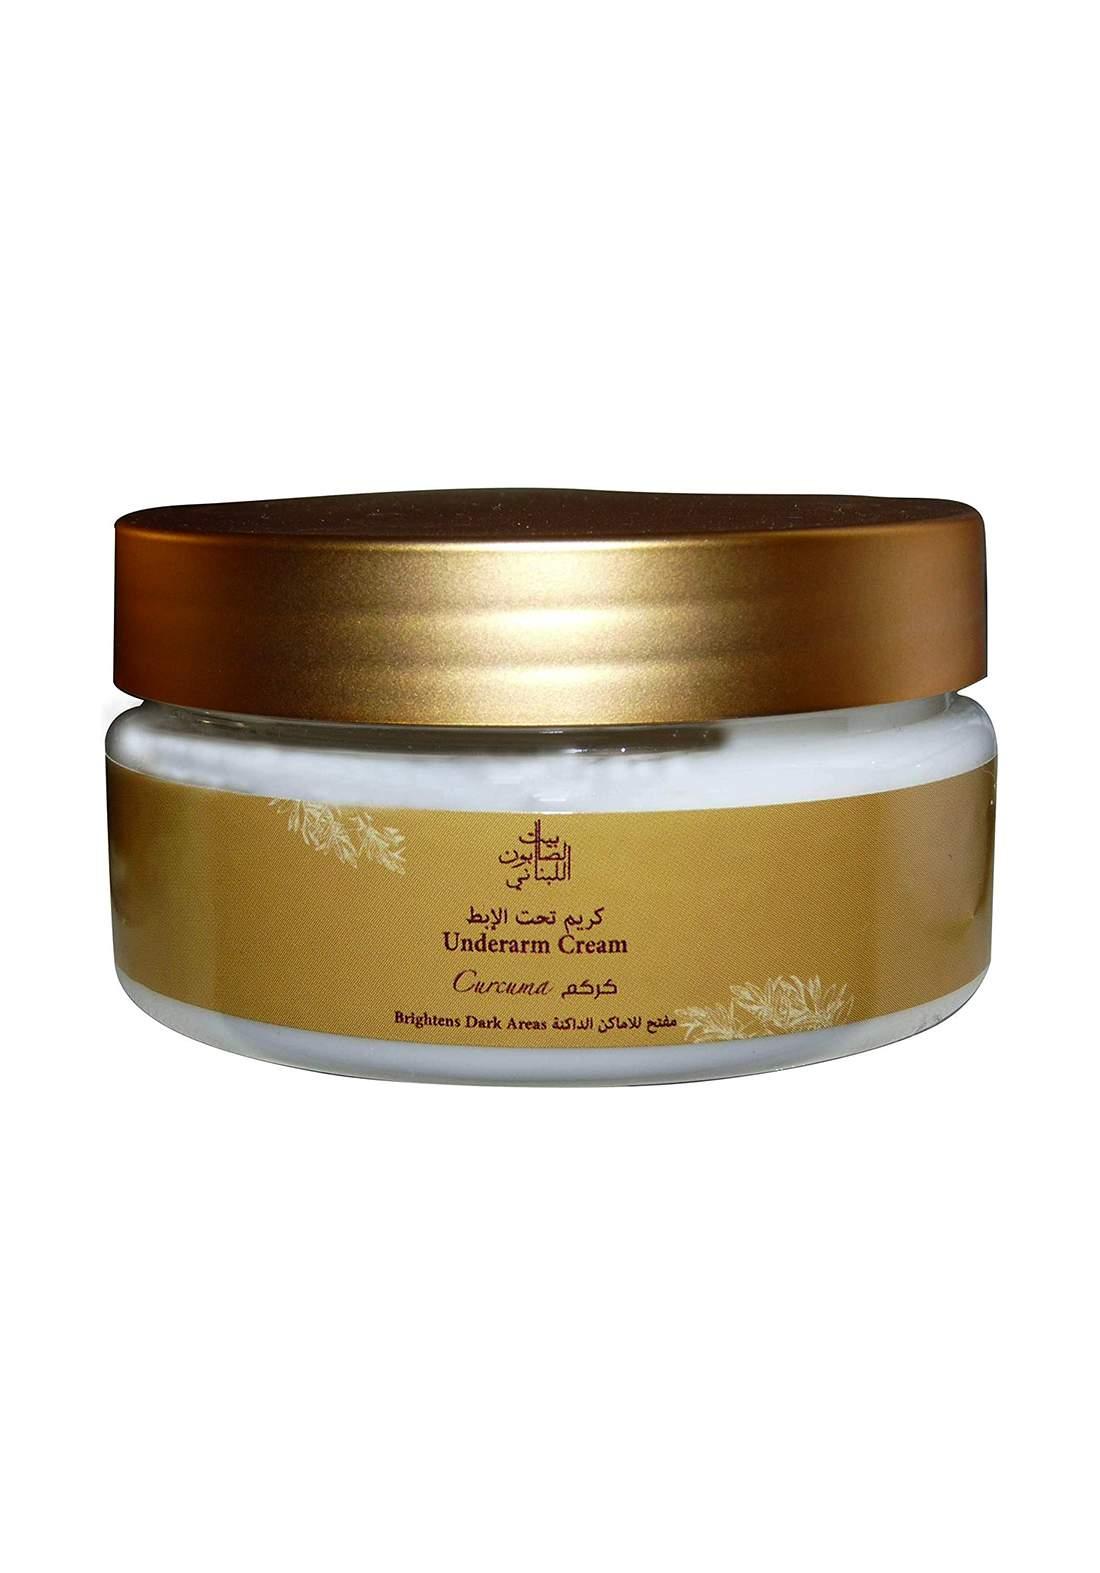 Bayt Alsaboun Alloubnani-317490 Underarn Cream Curcuma 80g كريم التبيض